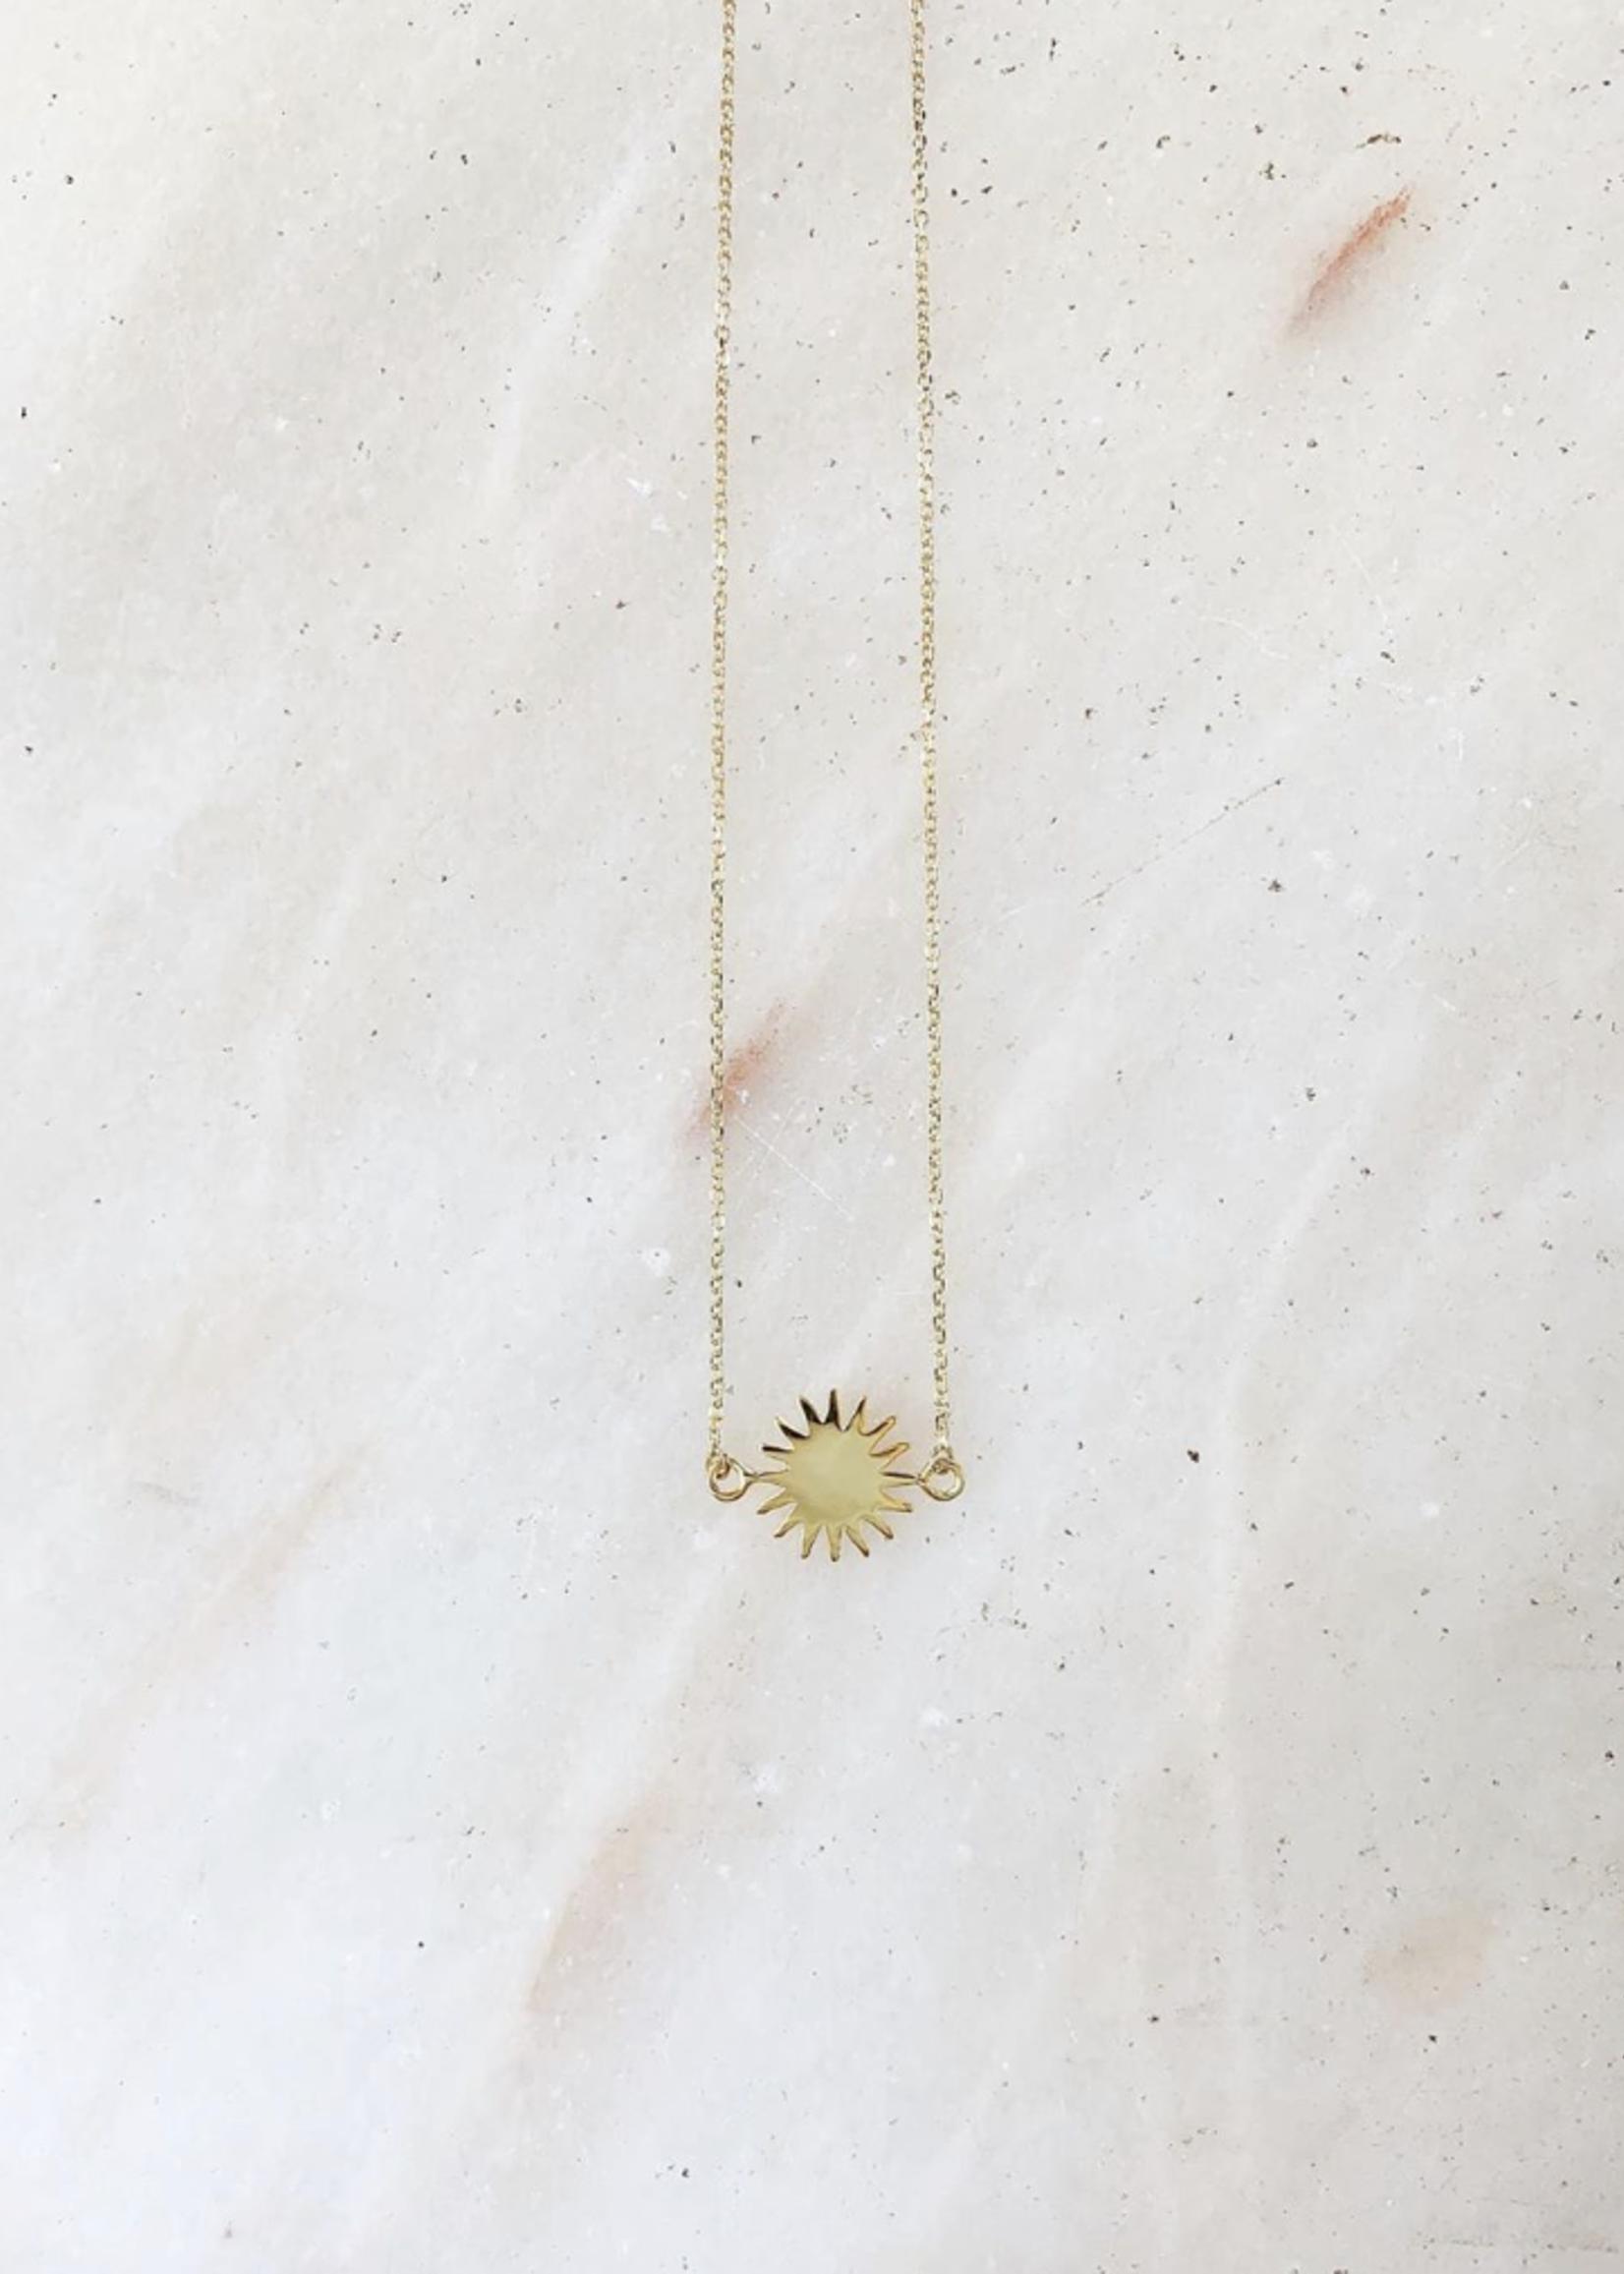 Essyello Necklace - sun